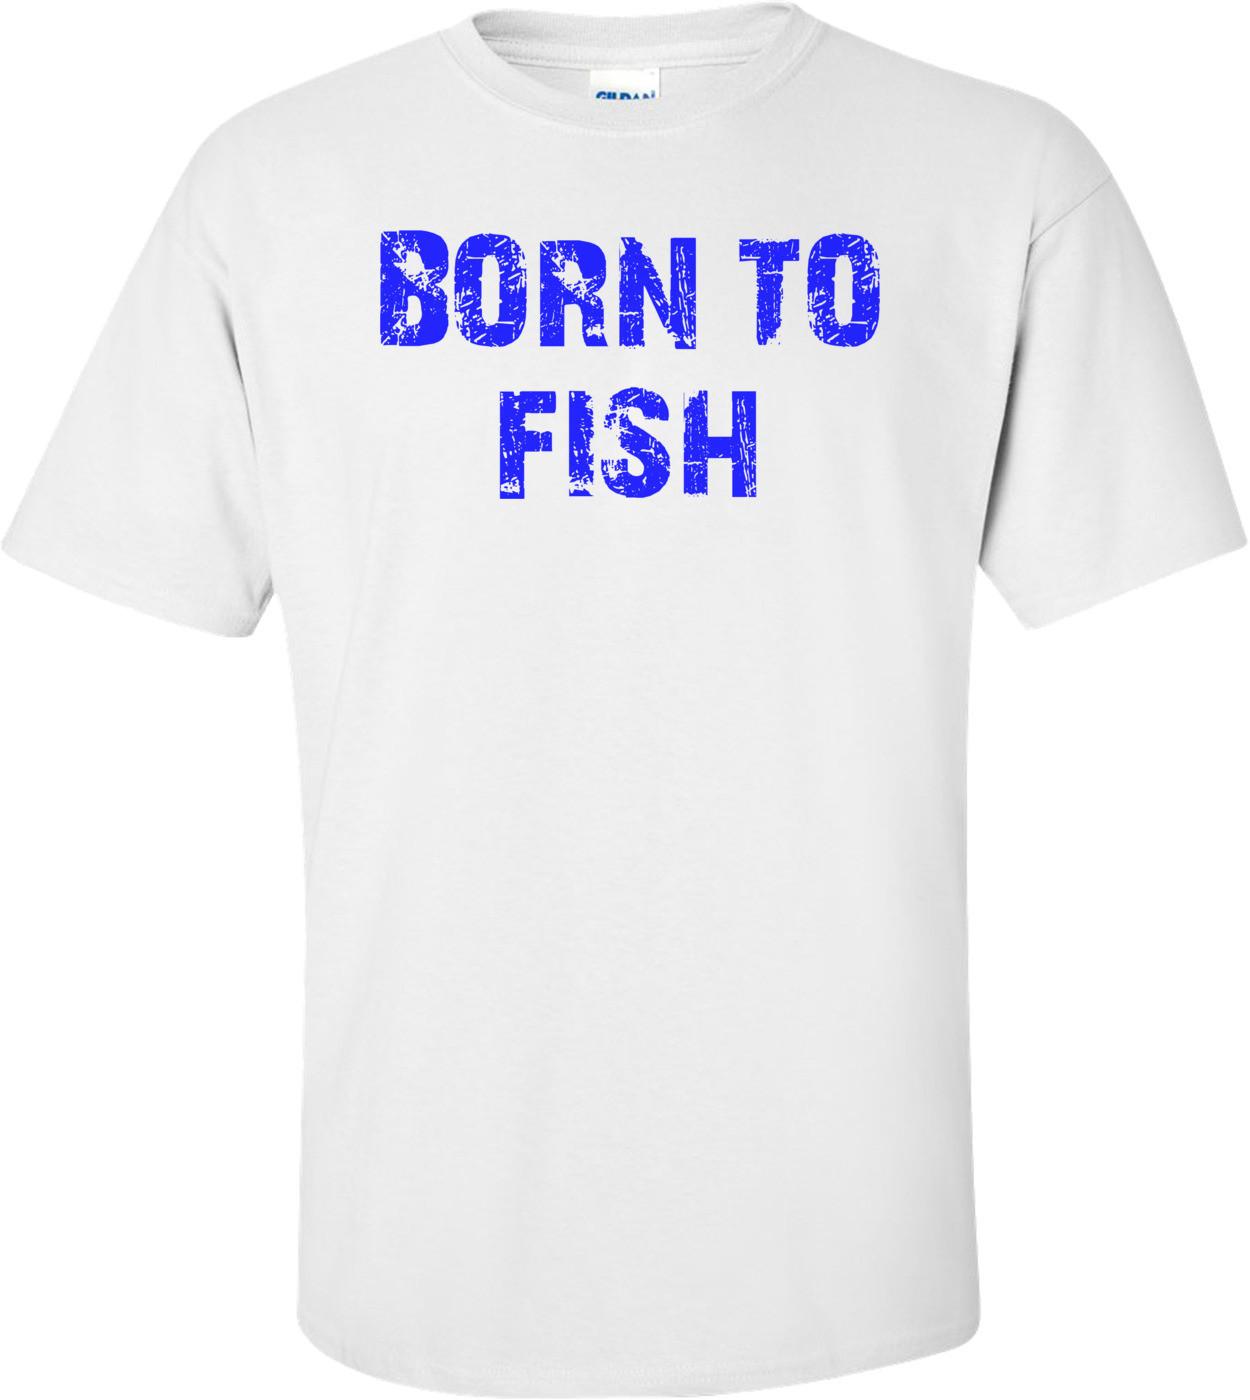 BORN TO FISH Shirt